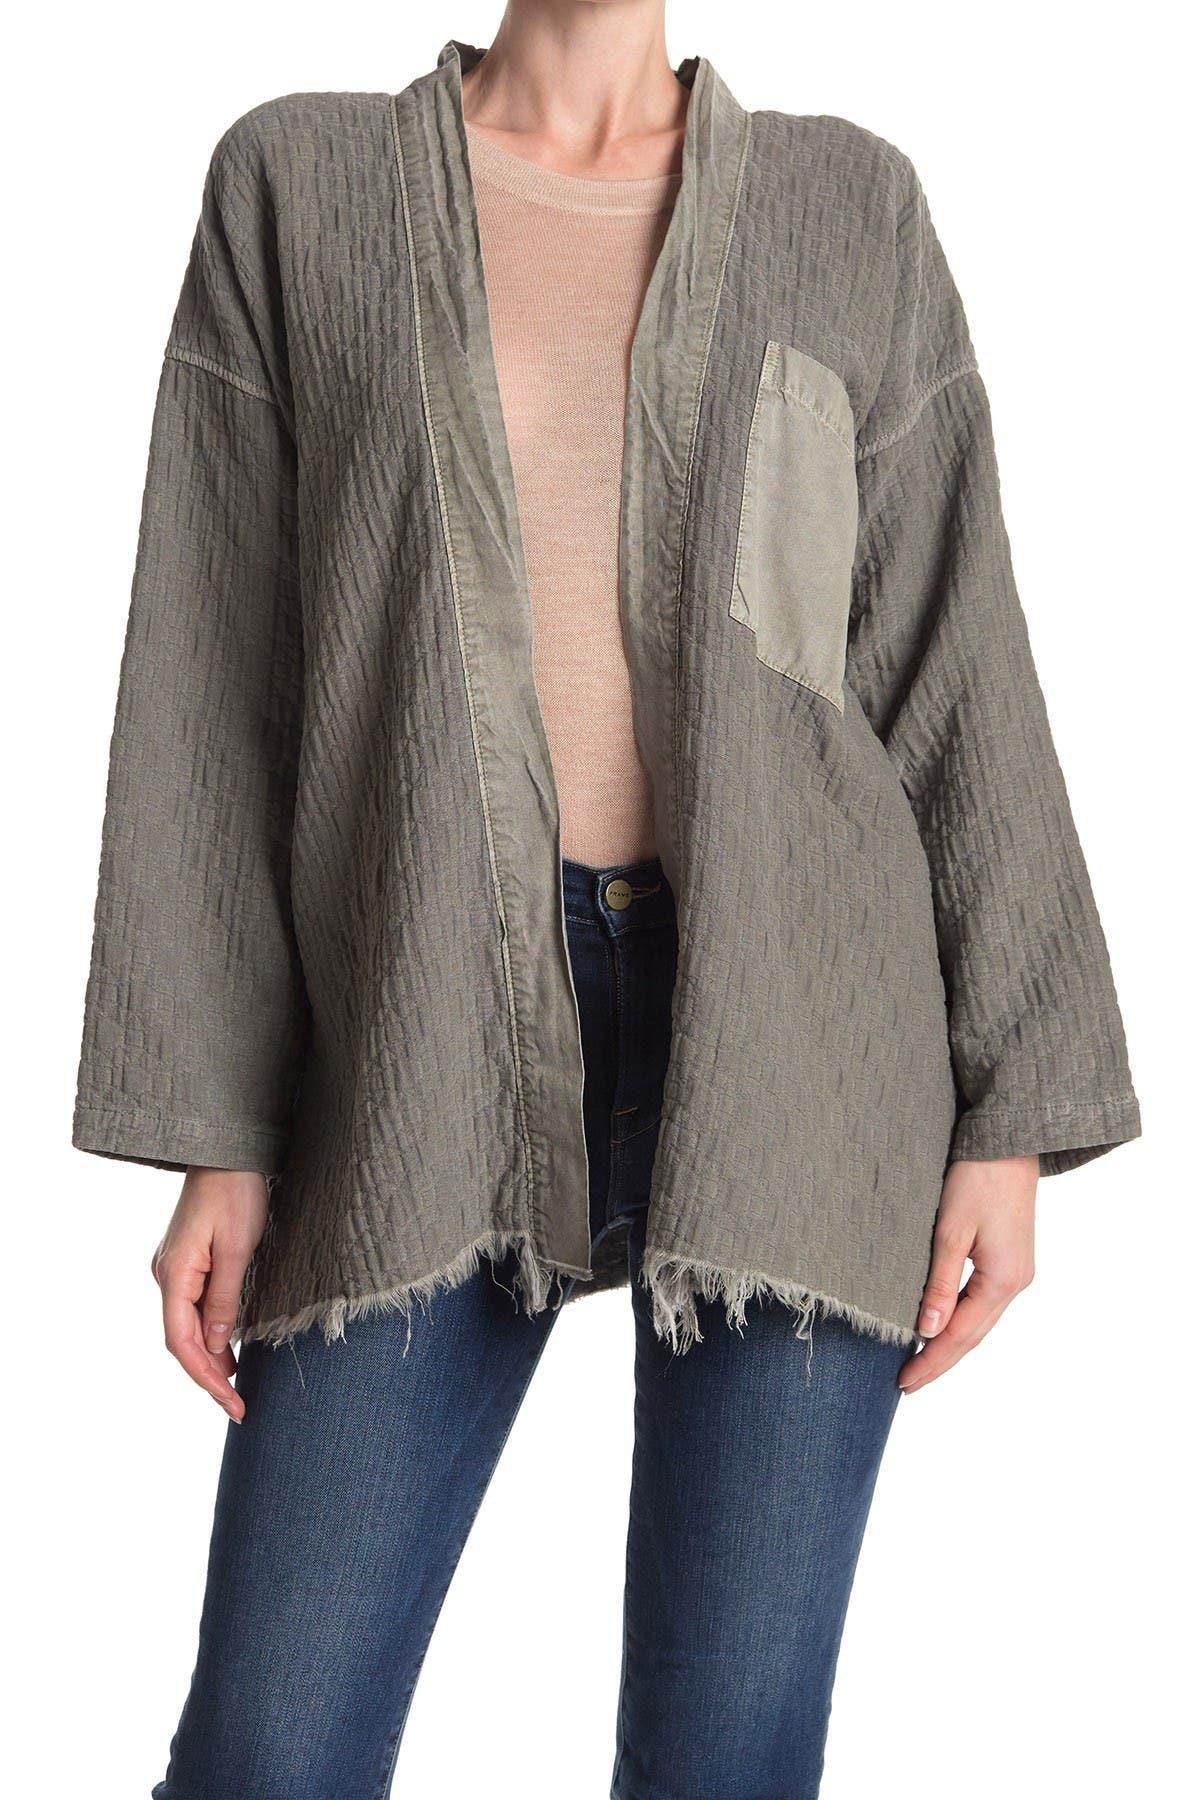 Image of NSF CLOTHING Marley Karate Jacket